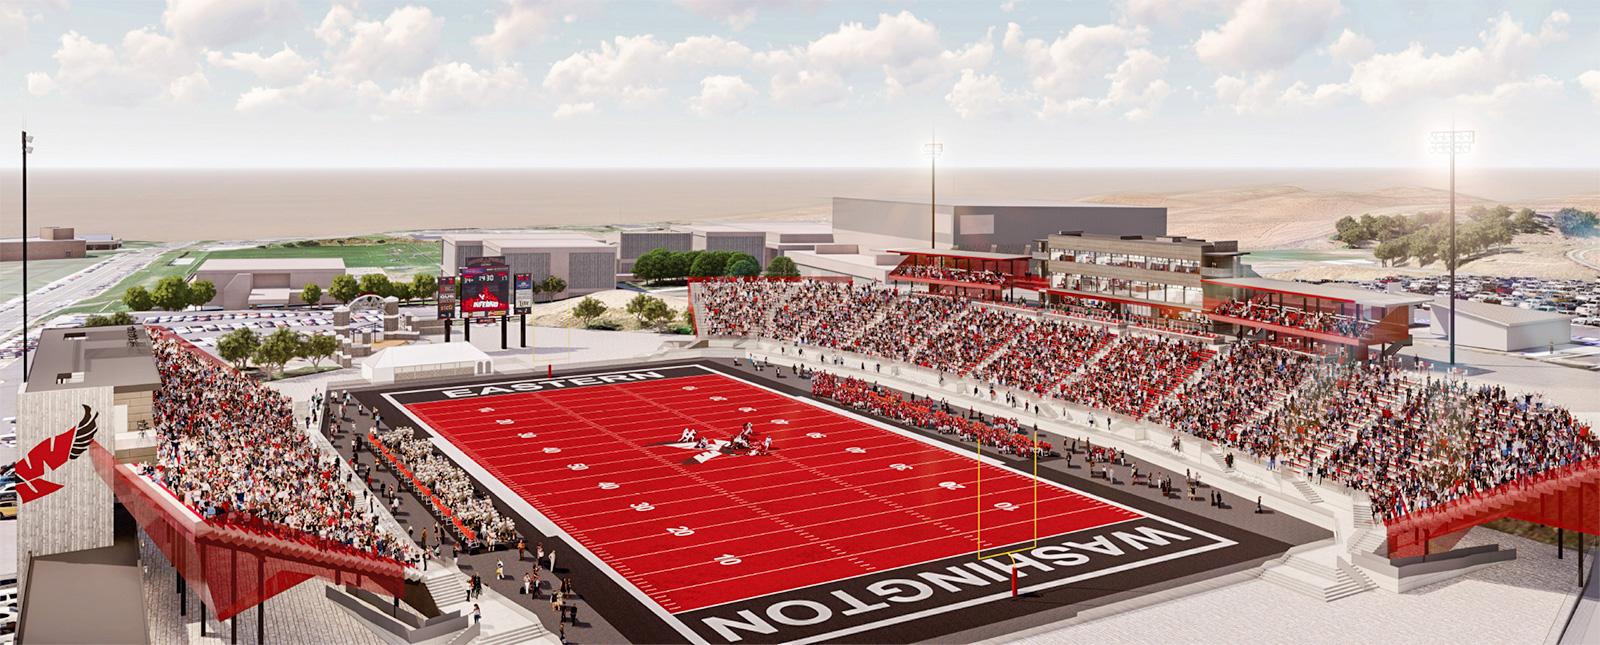 Ewu Financial Aid >> EWU Board Approves Football Stadium Recommendation ...